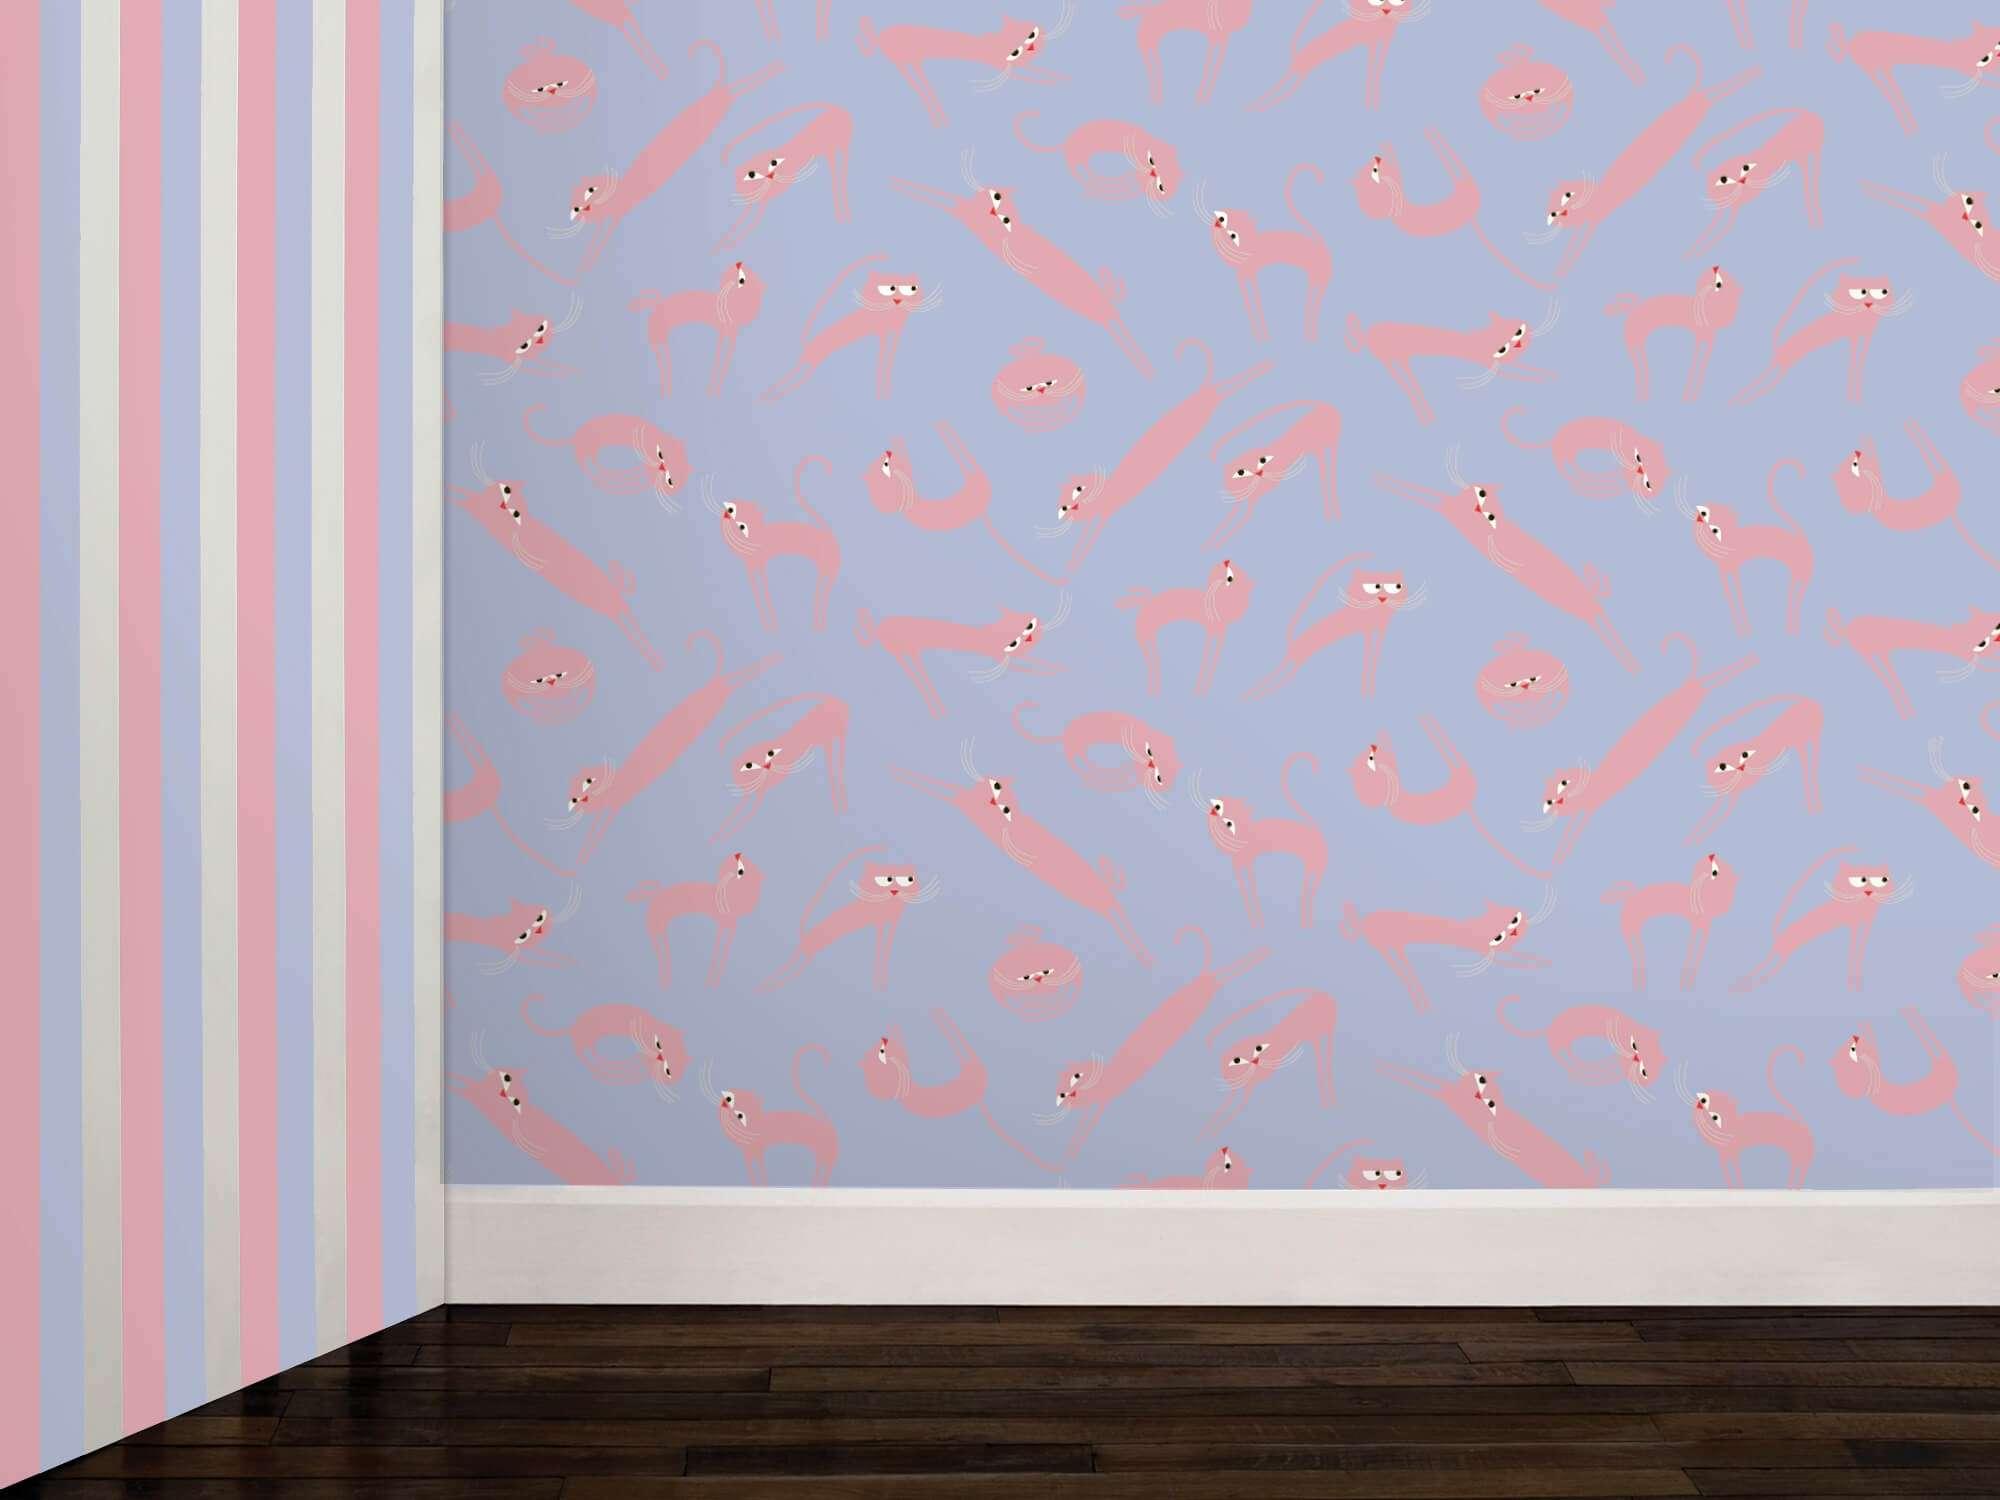 Papier peint Cats rose et bleu phosphorescent, des chats rose sur fond bleu pour la décoration, design IchetKar